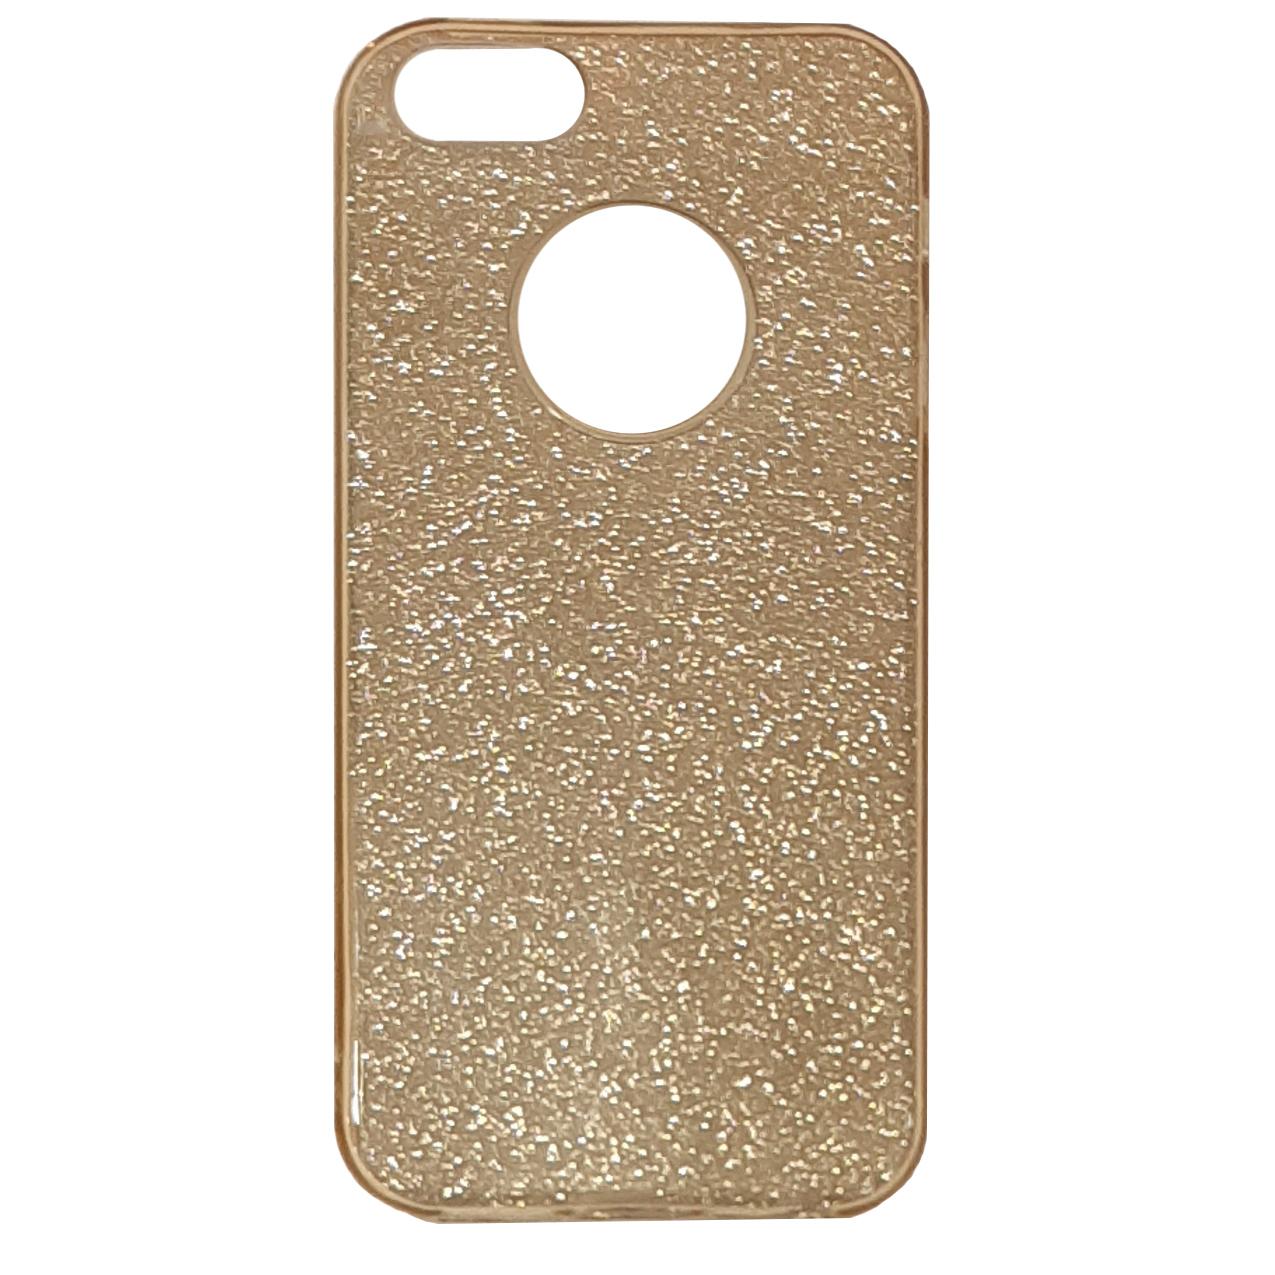 کاور مدل FSH-103 مناسب برای گوشی موبایل اپل Iphone 5/5S/SE